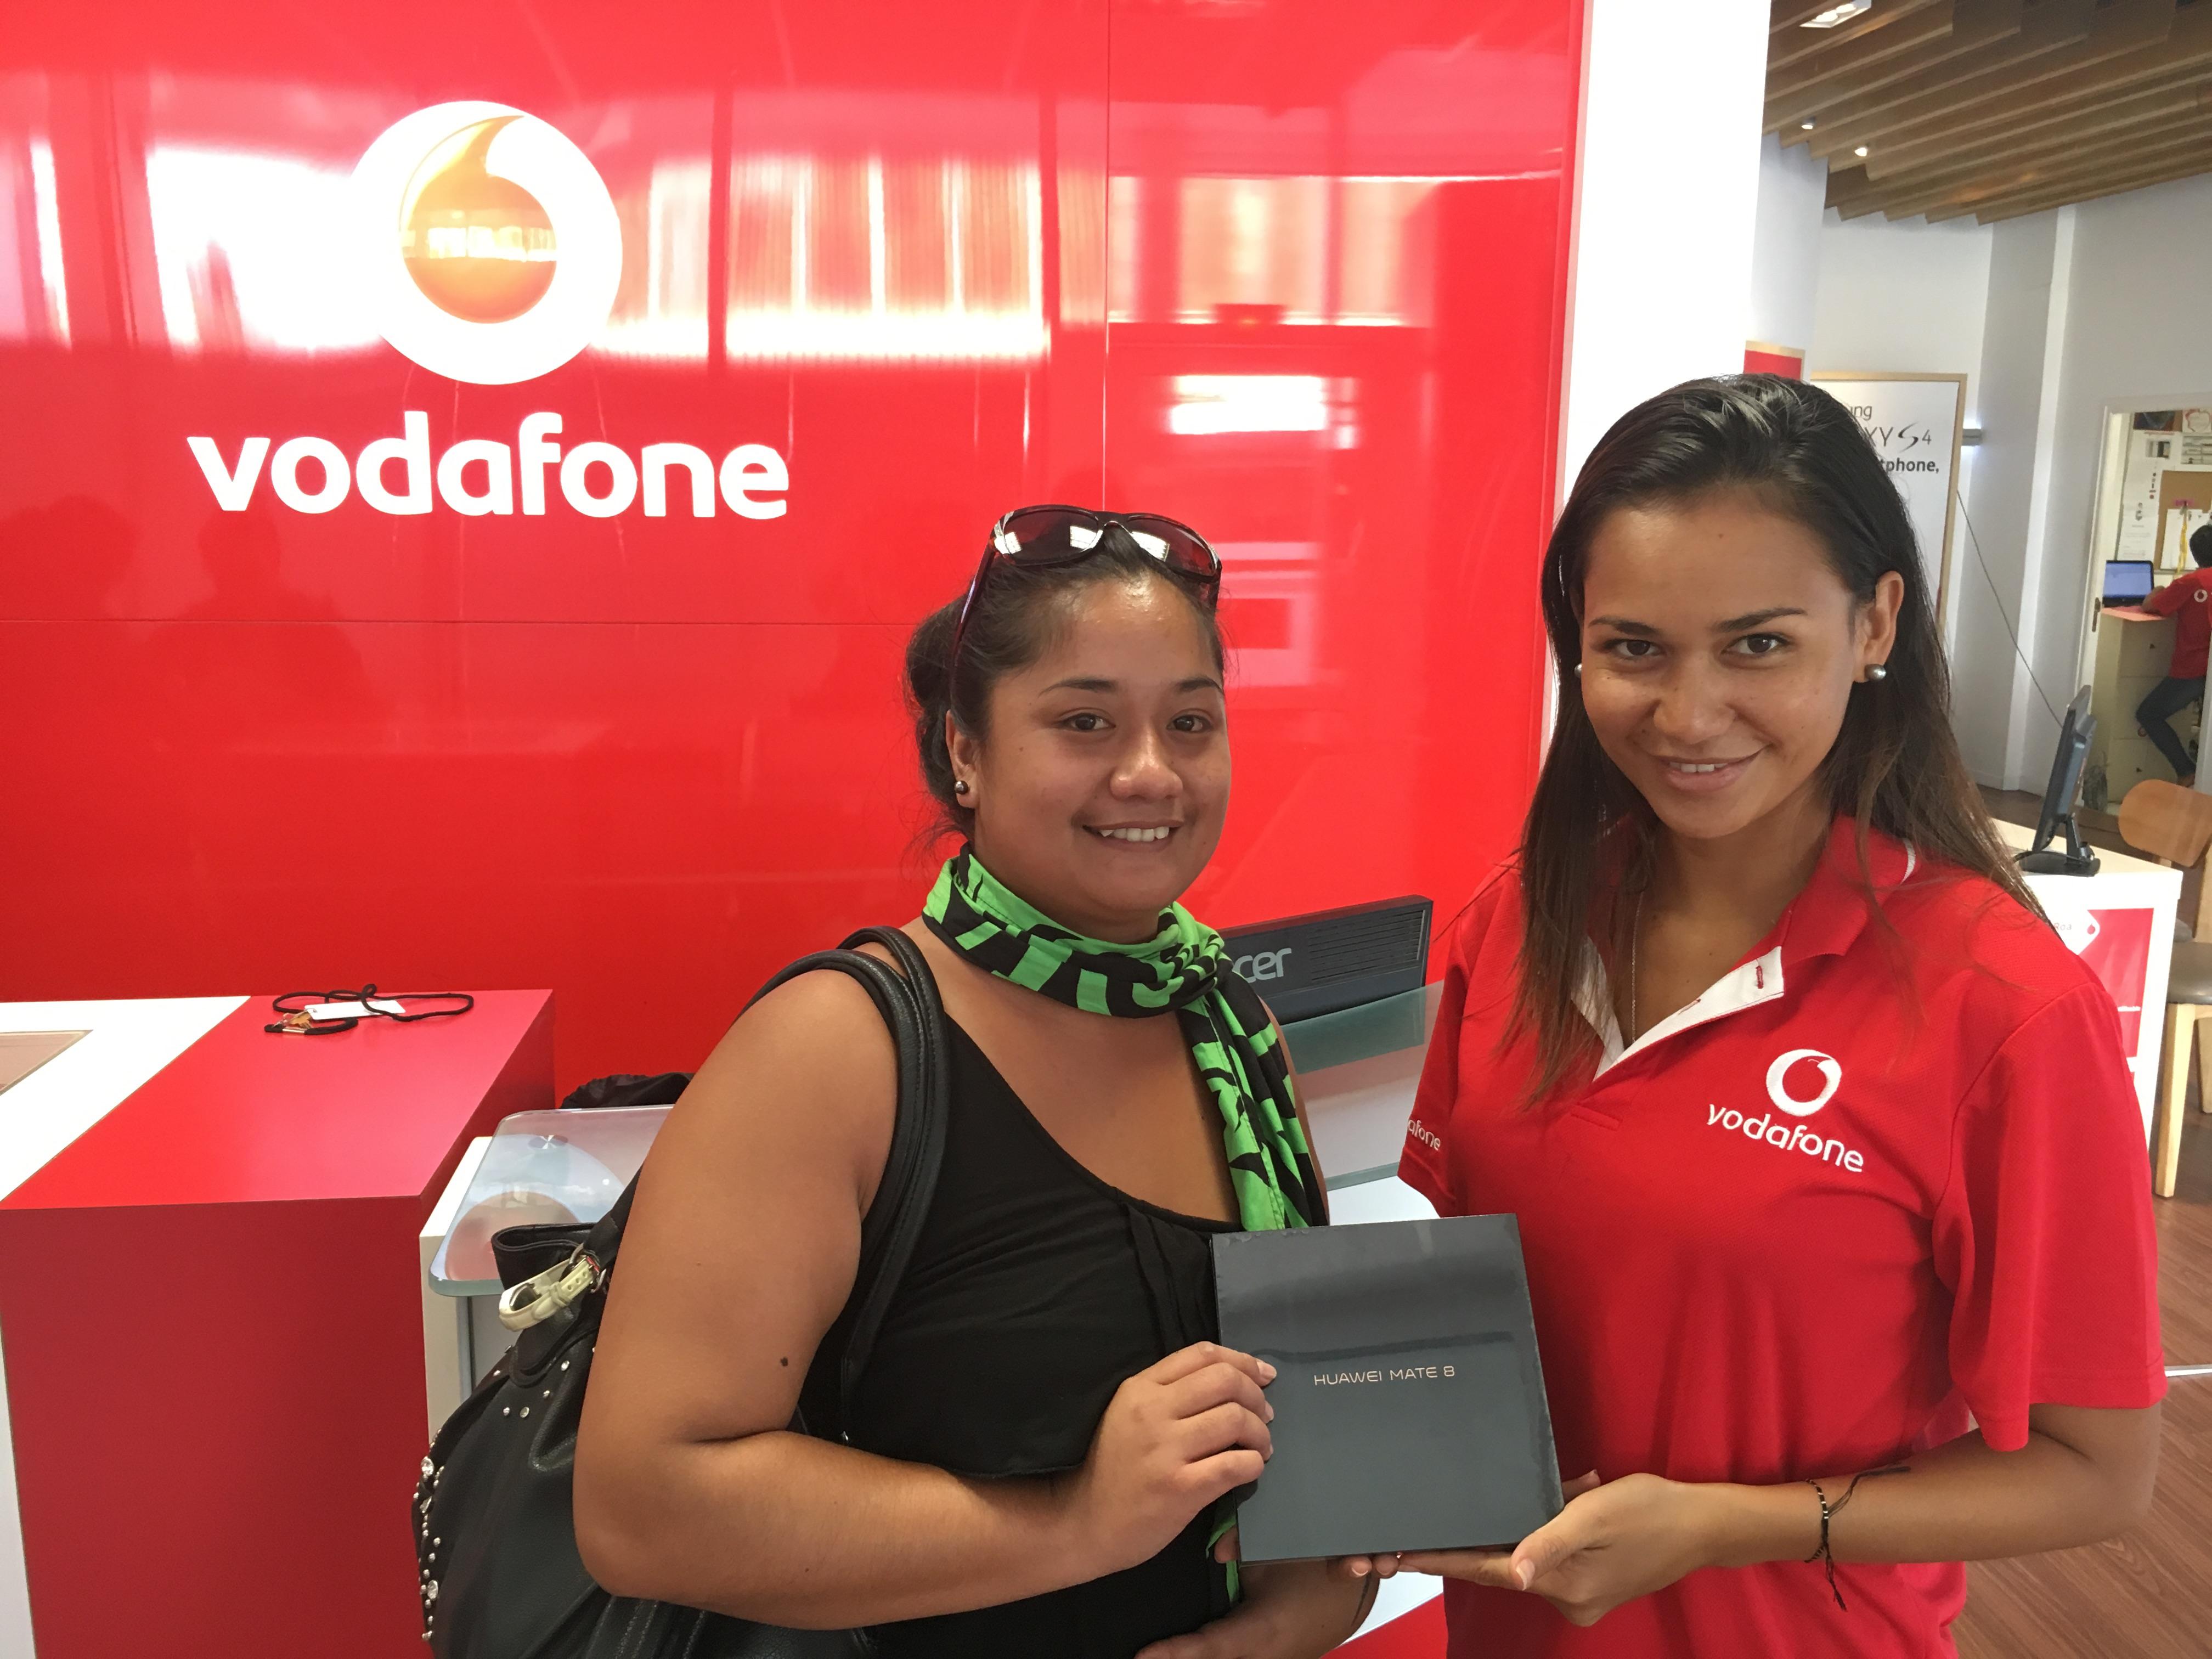 Nadine Maiti, la grande gagnante du jeu Vodafone sur Facebook.